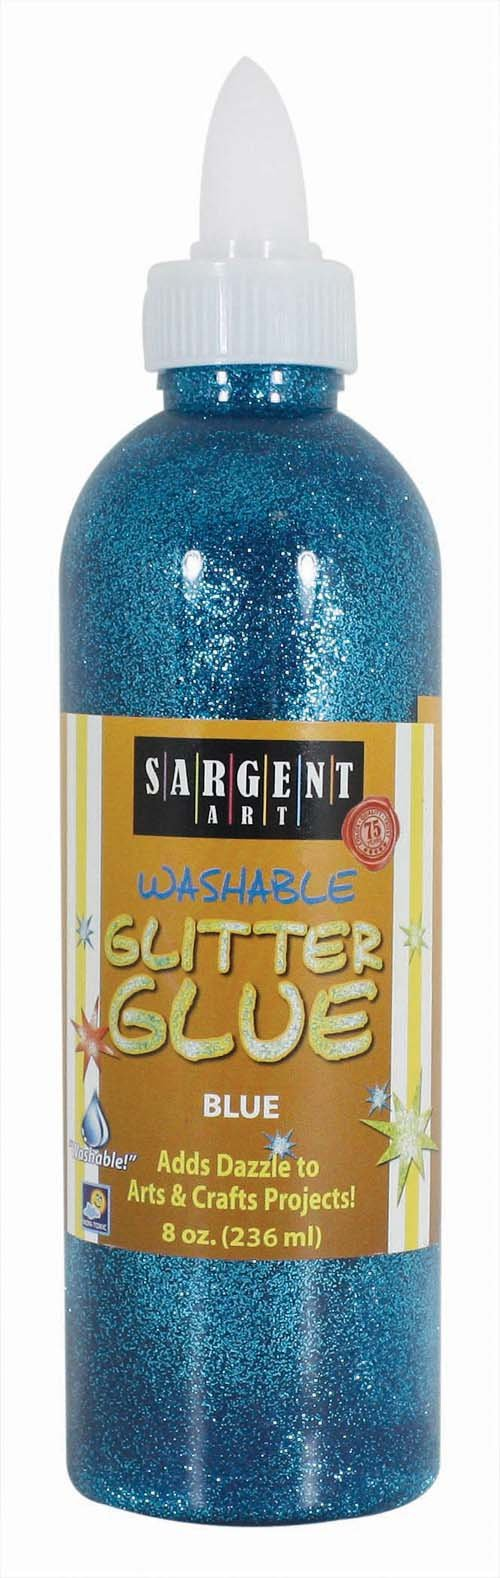 Sargent Art 22-1950 8-Ounce Glitter Glue, Blue